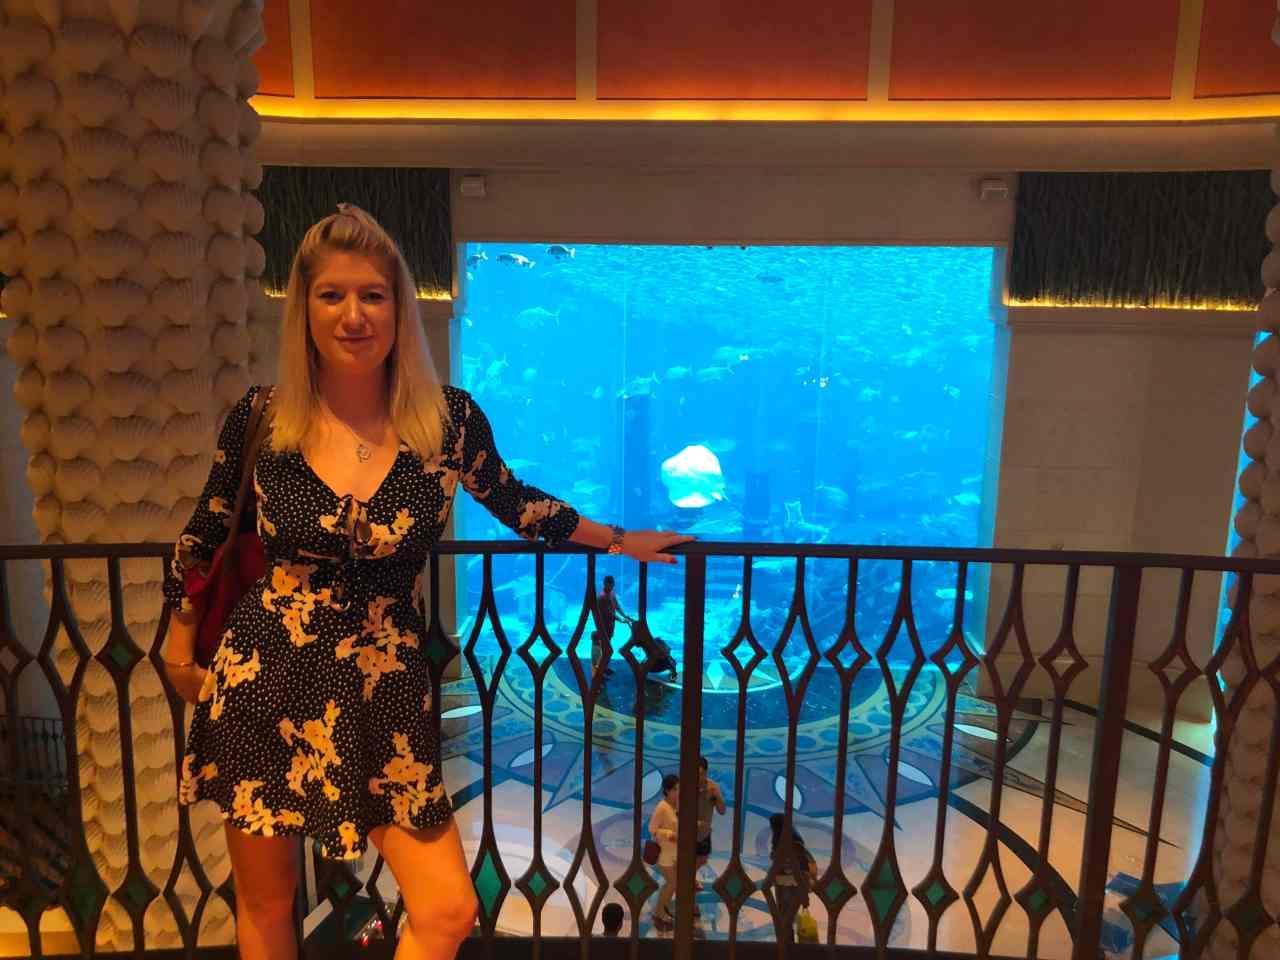 Atlantis aquarium famous instagram spot